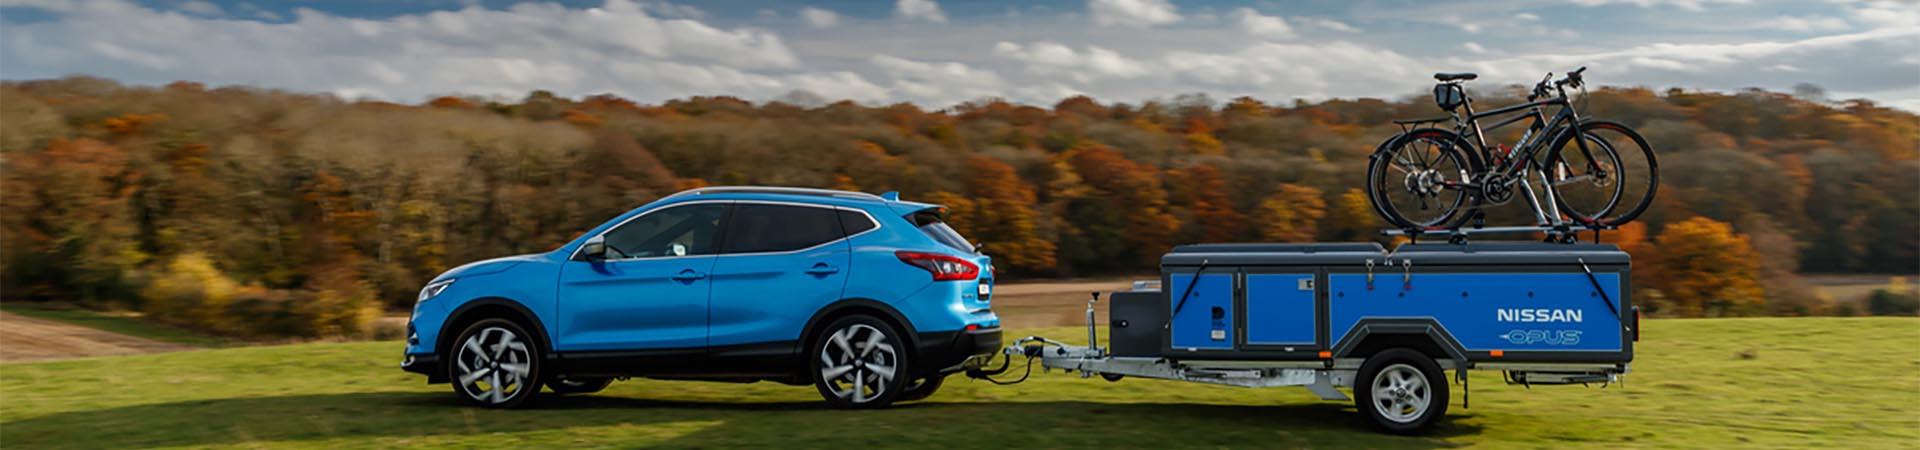 Nissan Energiespeicher